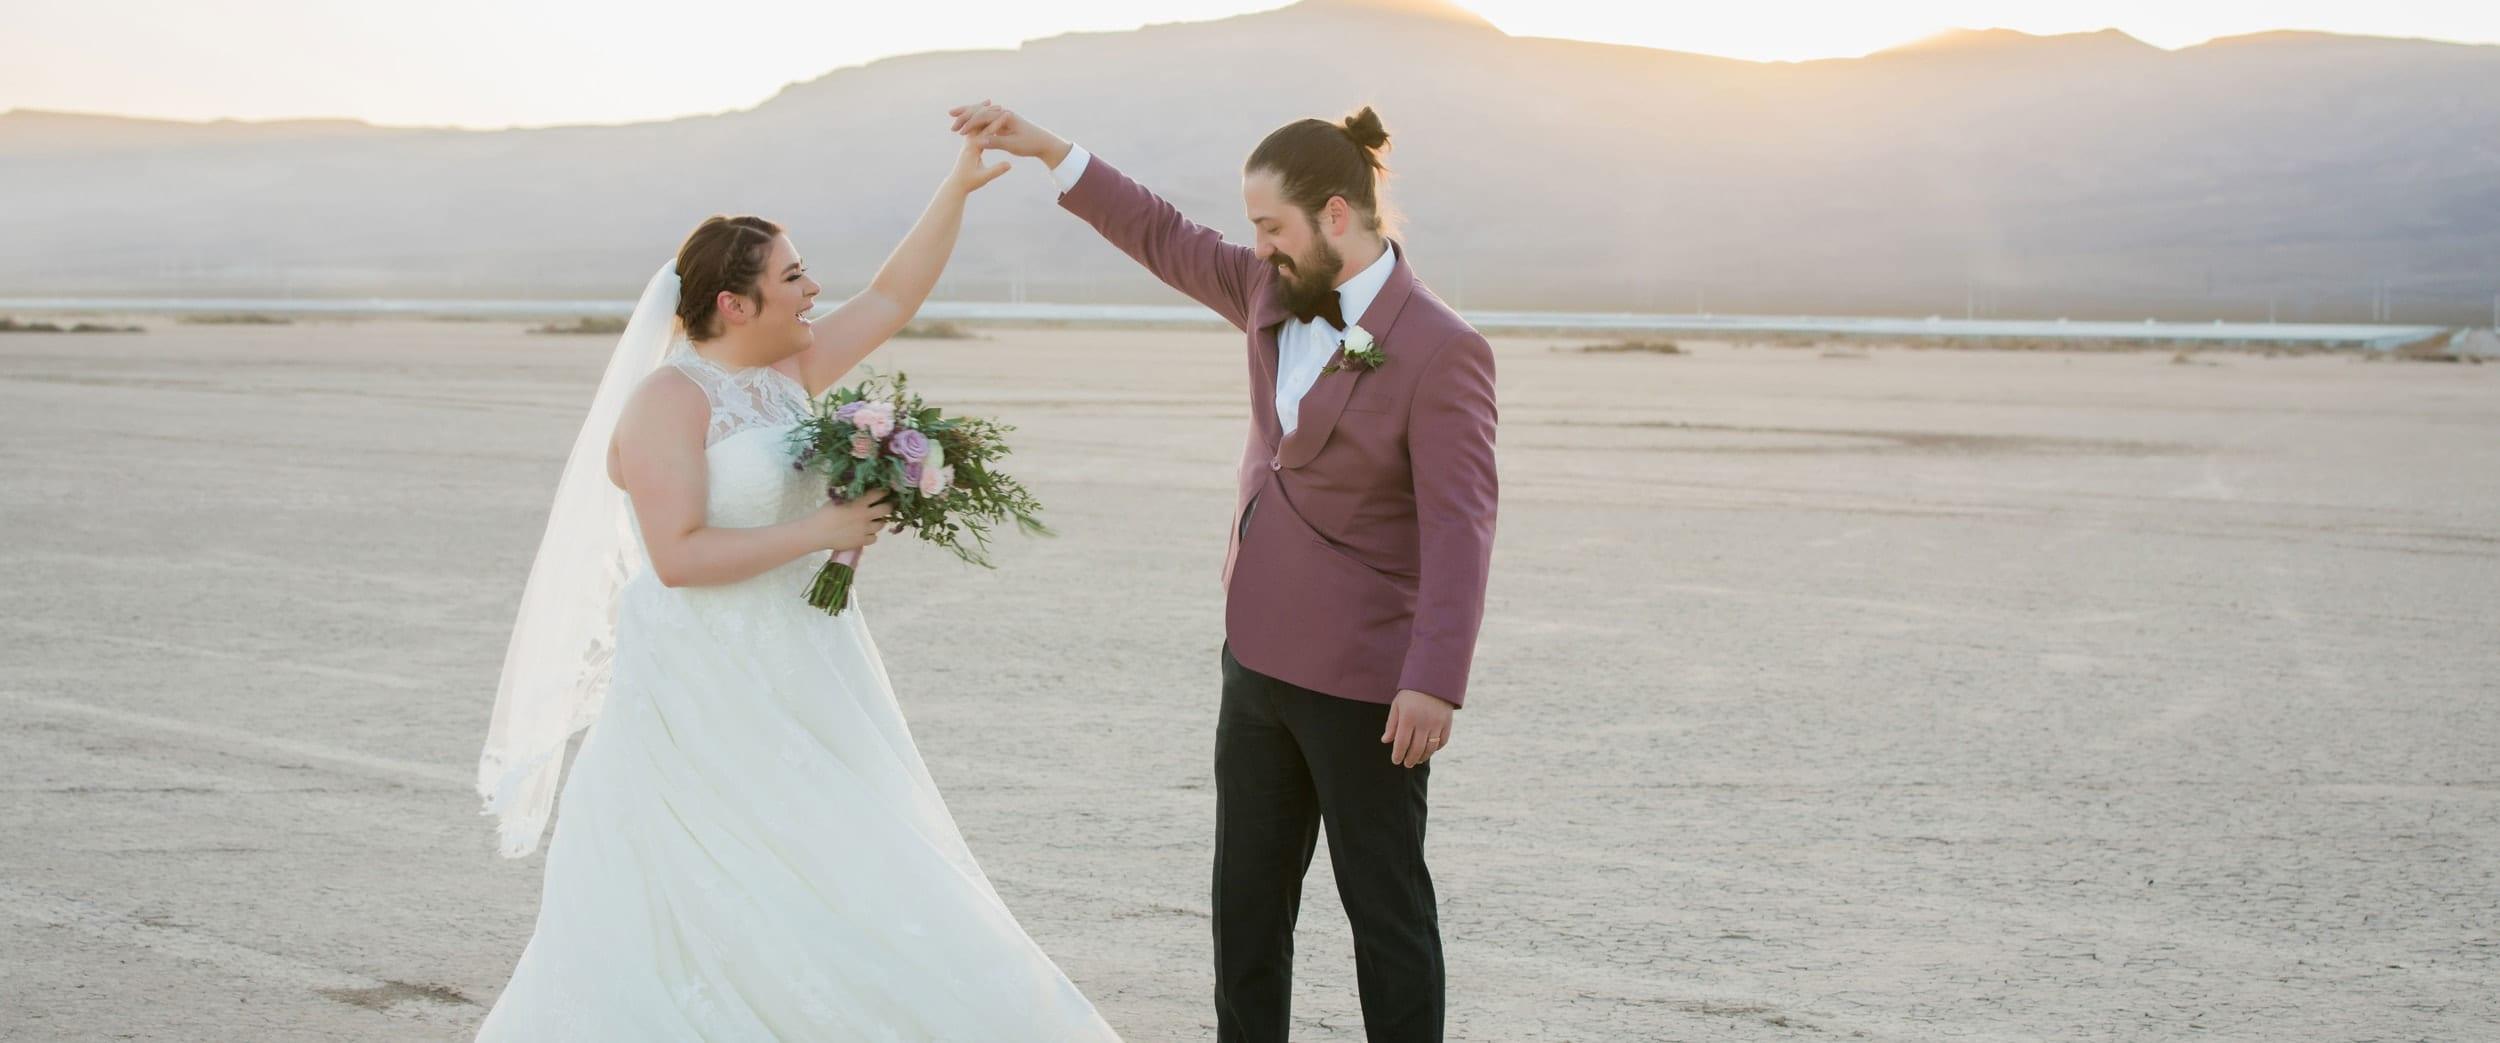 Bride and groom dancing in the Dry Lake Bed in Las Vegas.